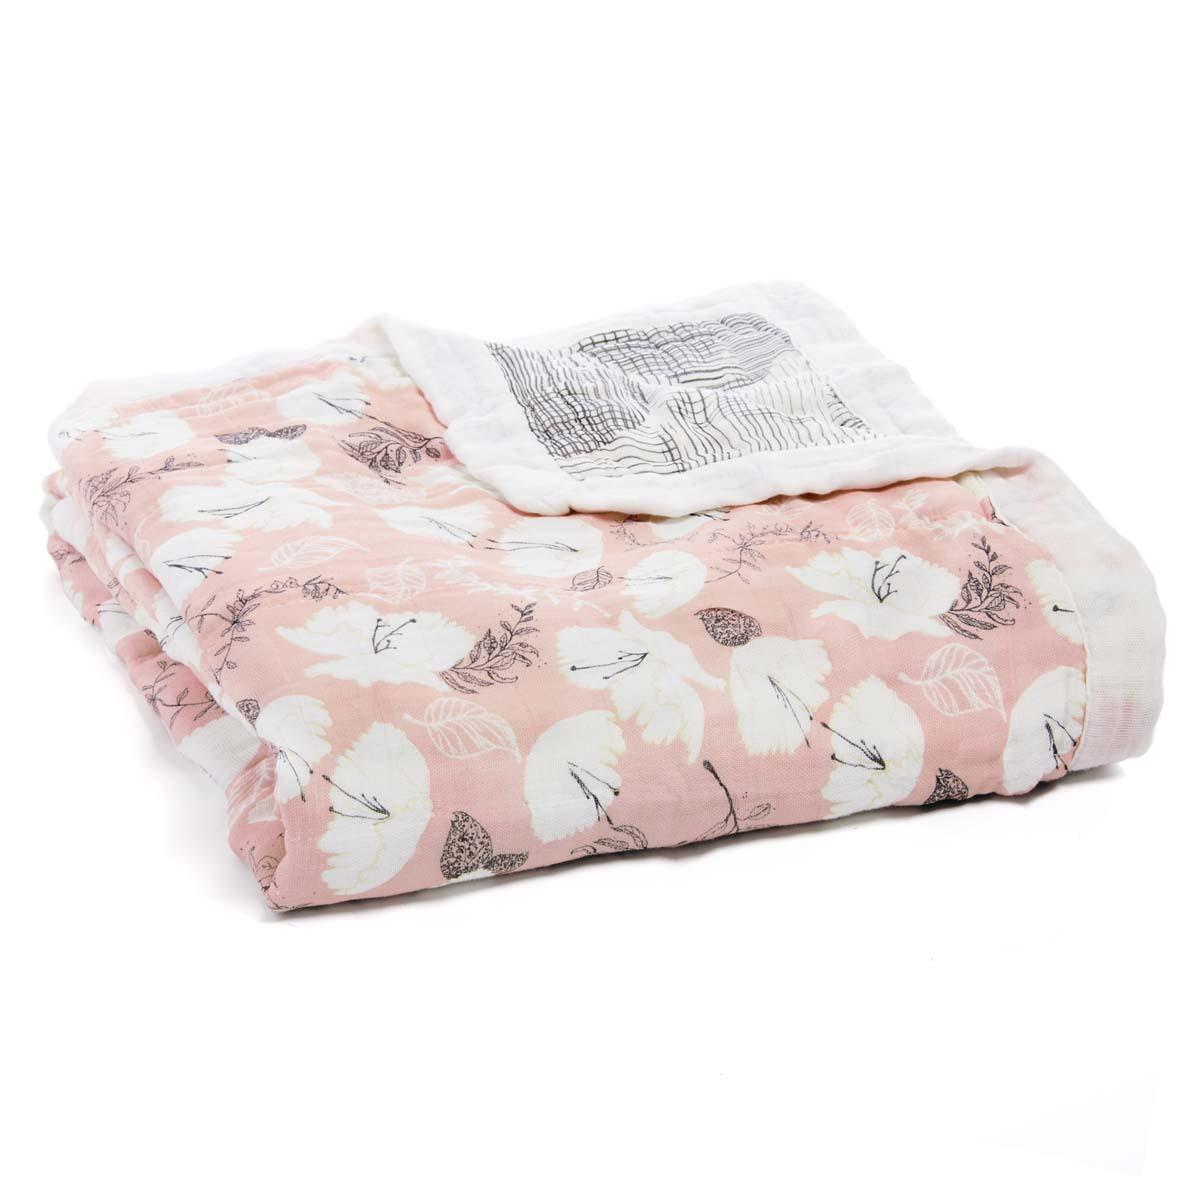 Linge de lit Couverture de Rêve Silky Soft - Pretty Petals Soft Petals Couverture de Rêve Silky Soft - Pretty Petals Soft Petals